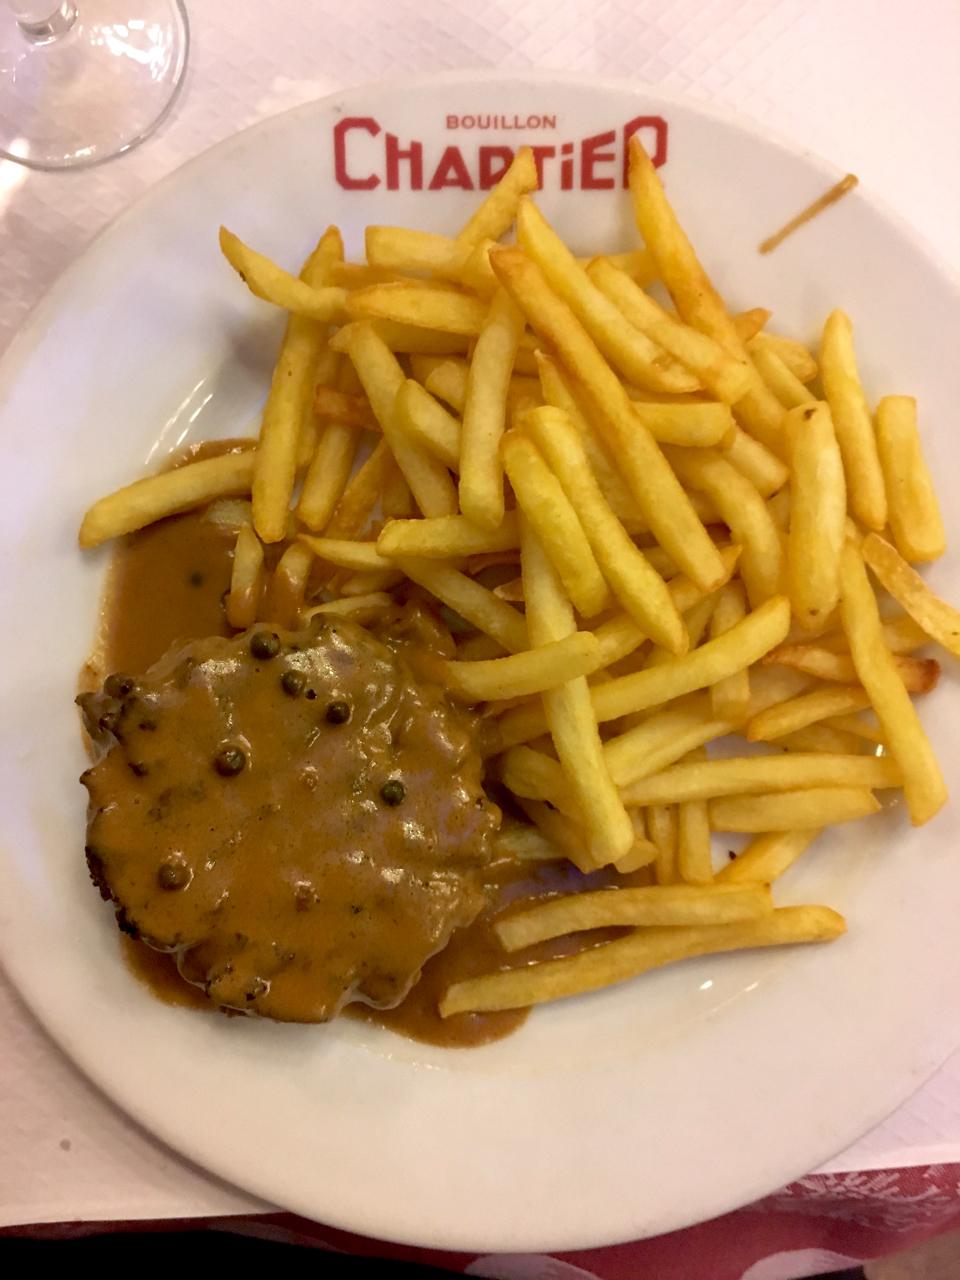 boullion chartier steak hache